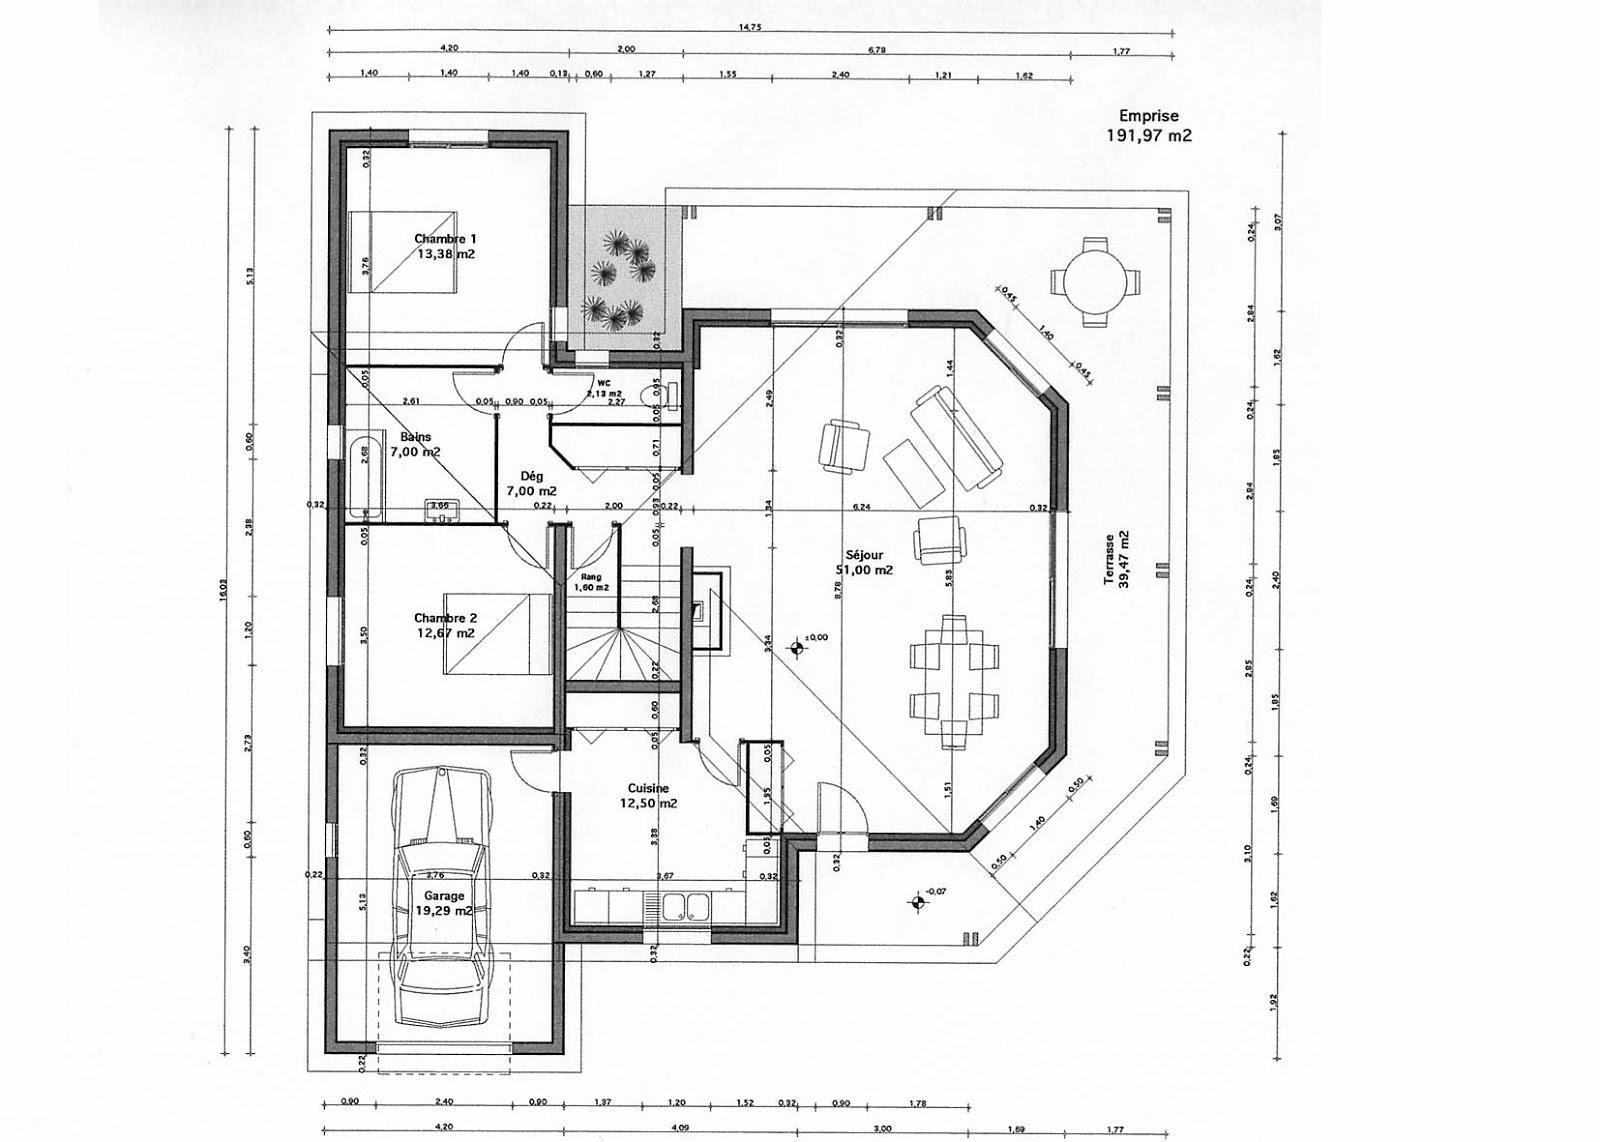 Plan Maison Architecture Plan Maison Gratuit Tunisie Plan Maison Architecture Gratuit Architect Design Architecture Facade